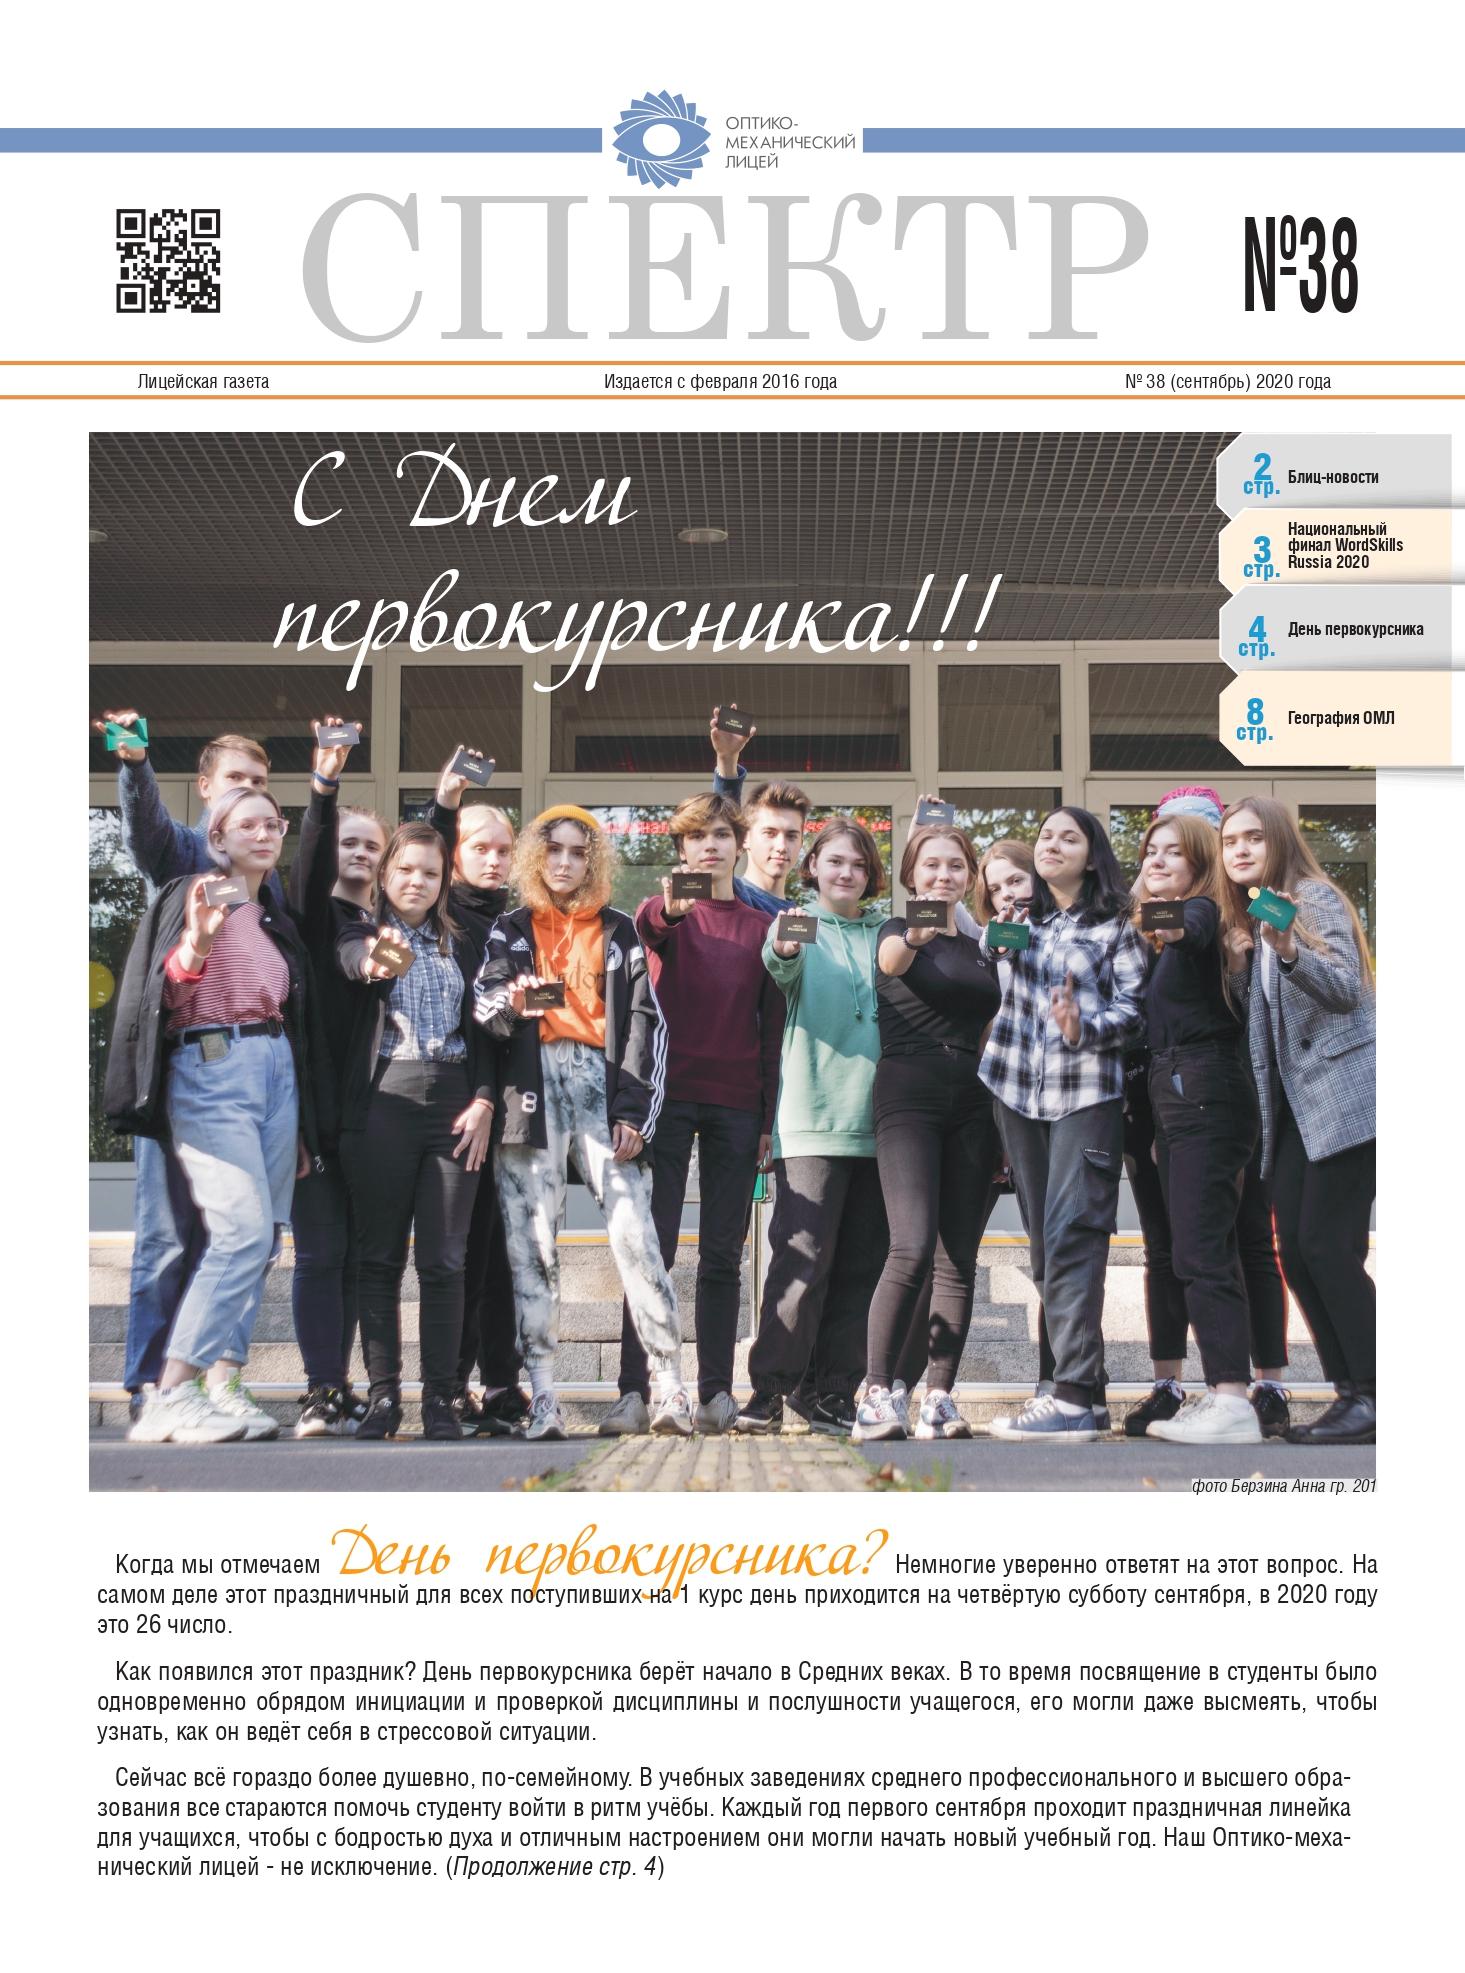 Газета Спектр — выпуск 38 (сентябрь 2020)